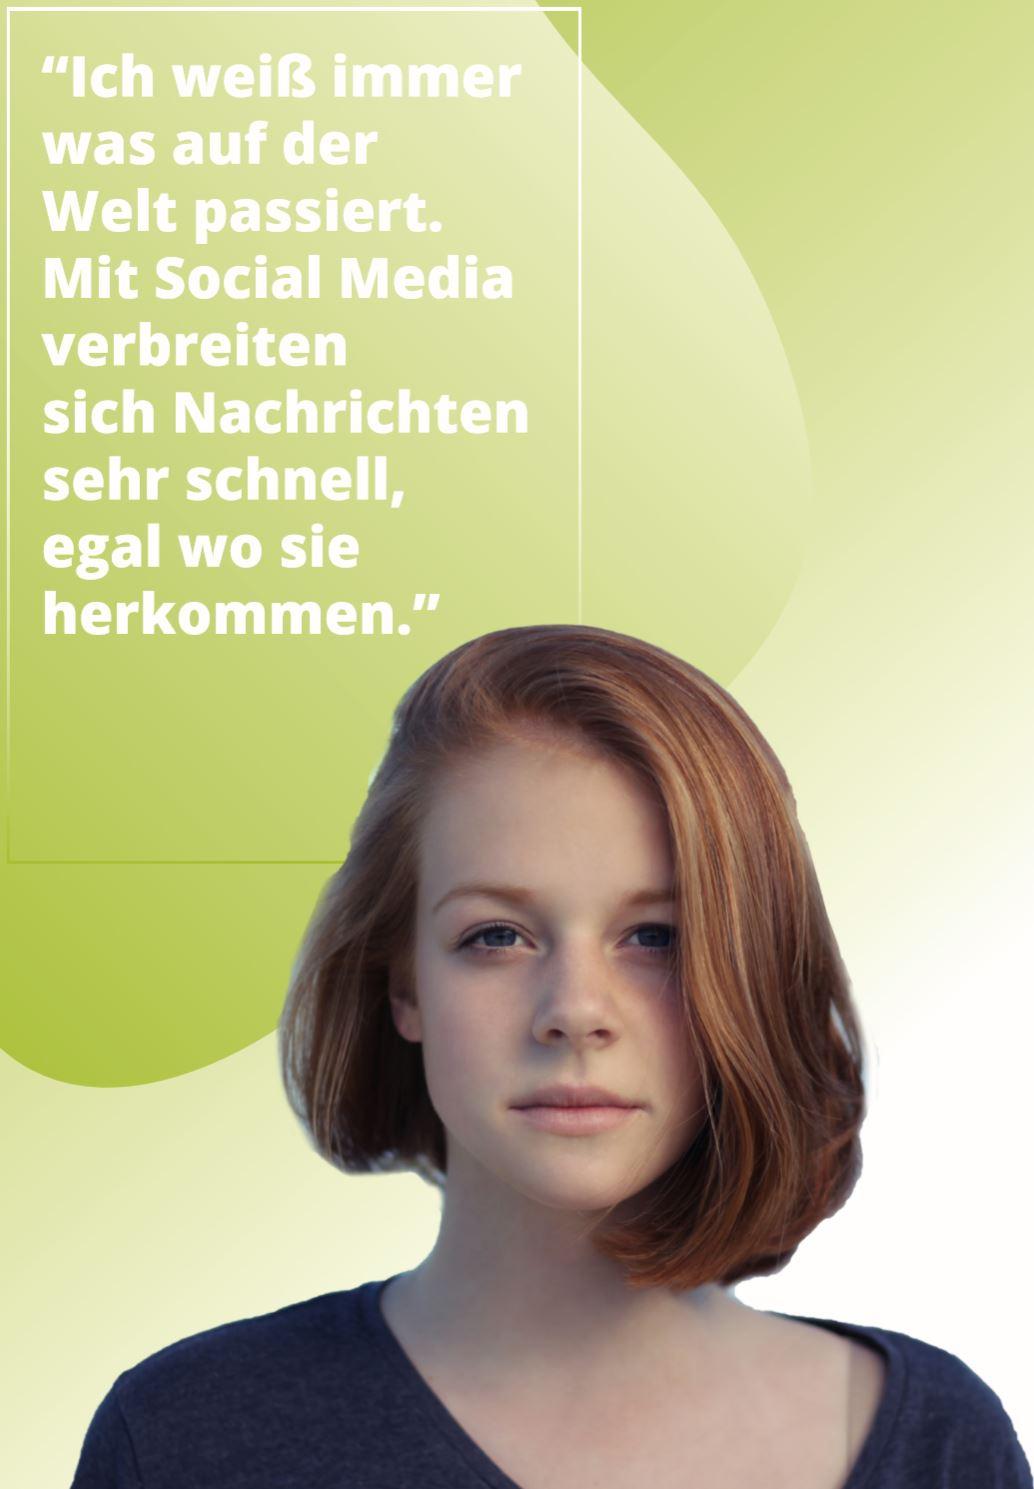 Generation Z Social Media